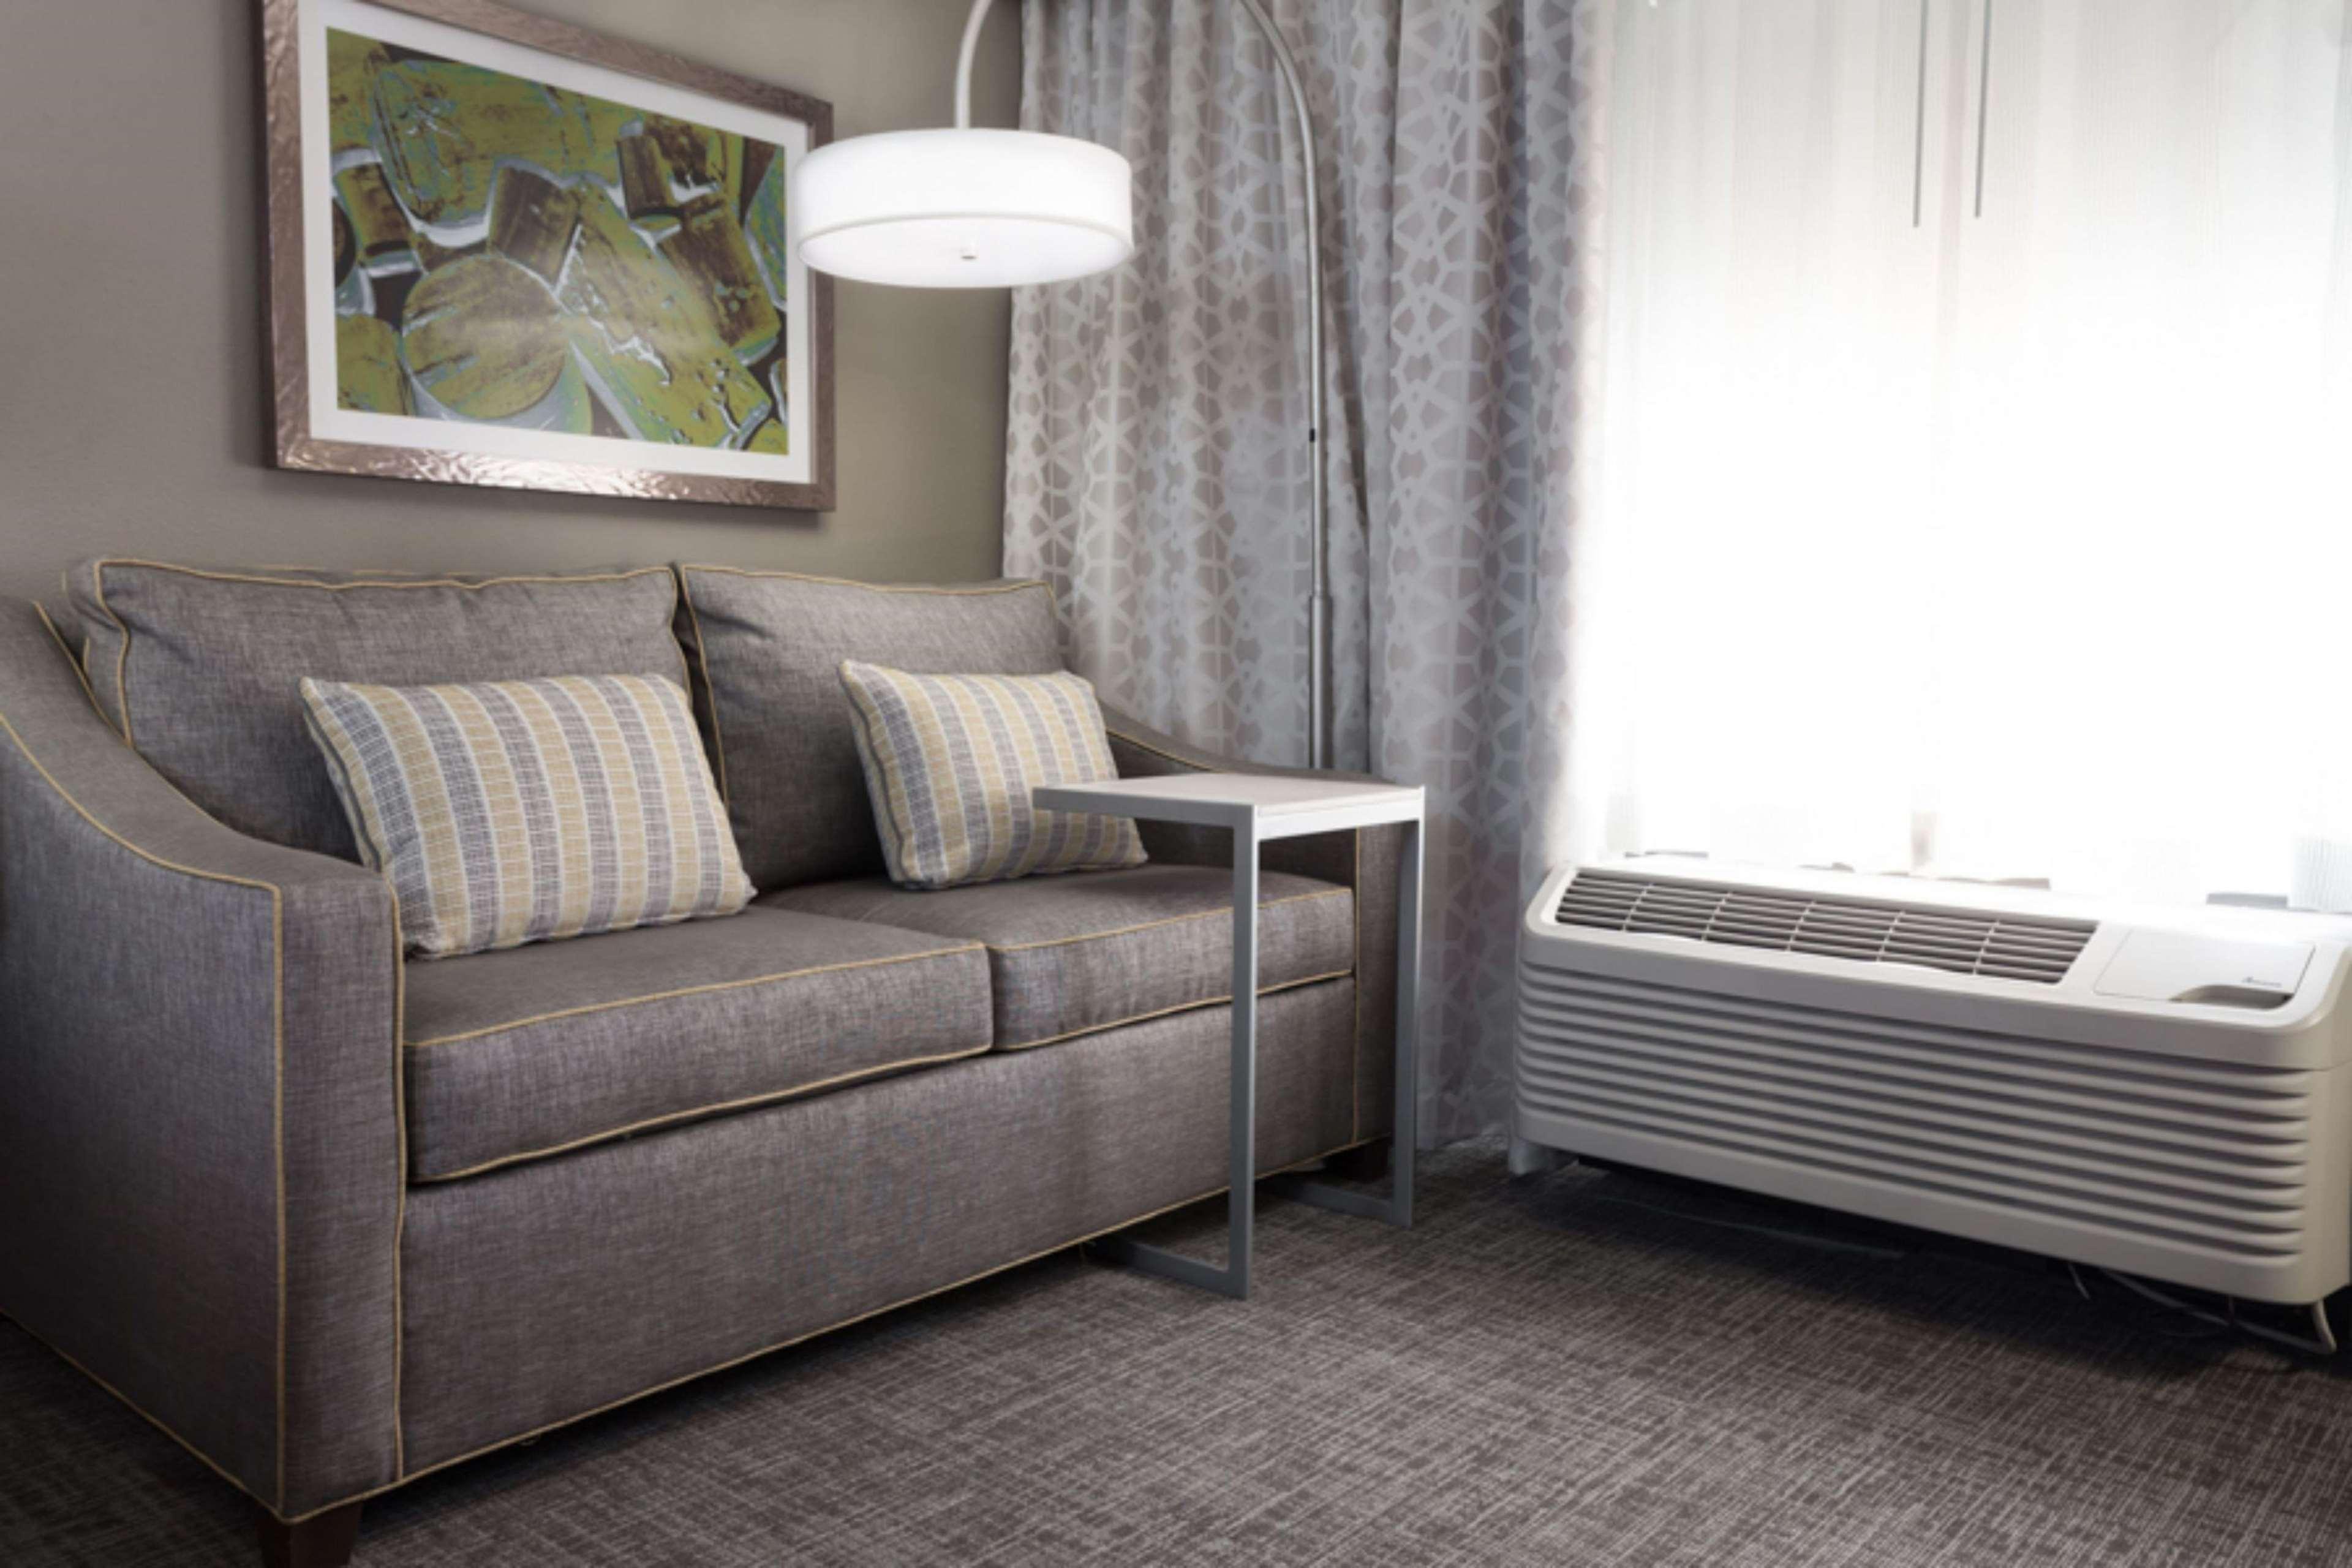 Hampton Inn & Suites Dallas-DFW Airport North-Grapevine in Grapevine, TX, photo #24